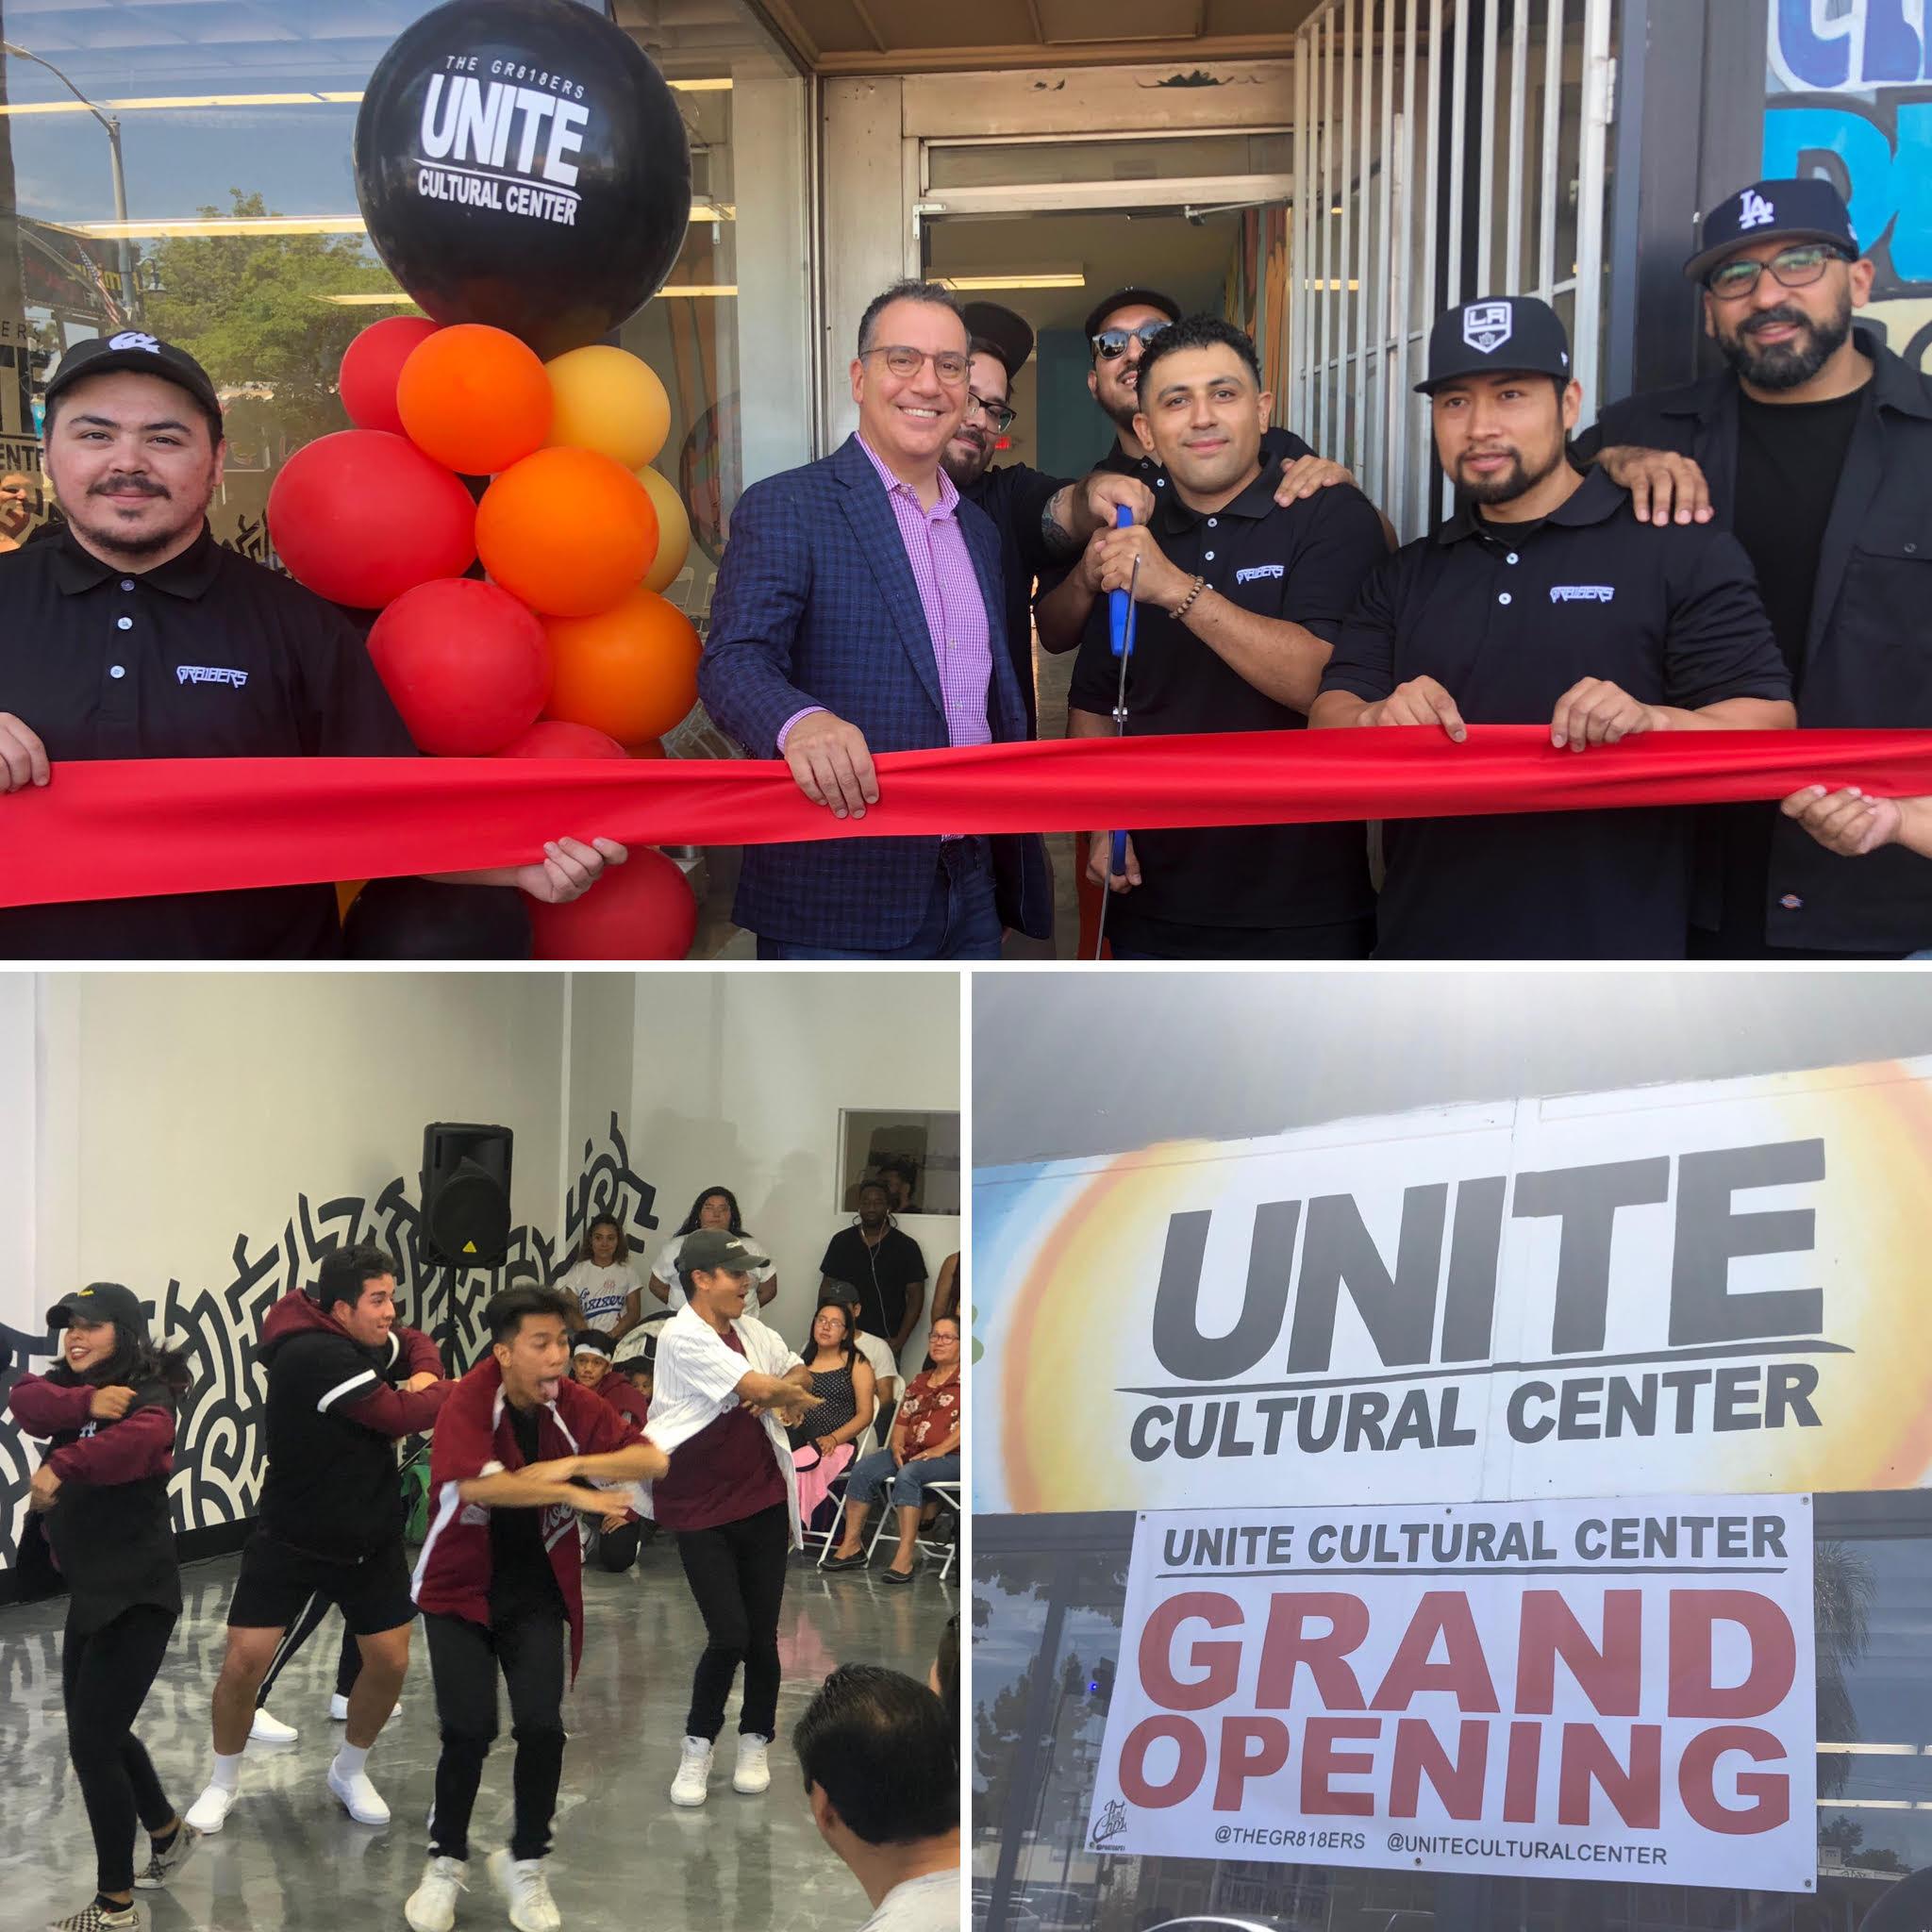 Unite_Cultural_Center.jpg